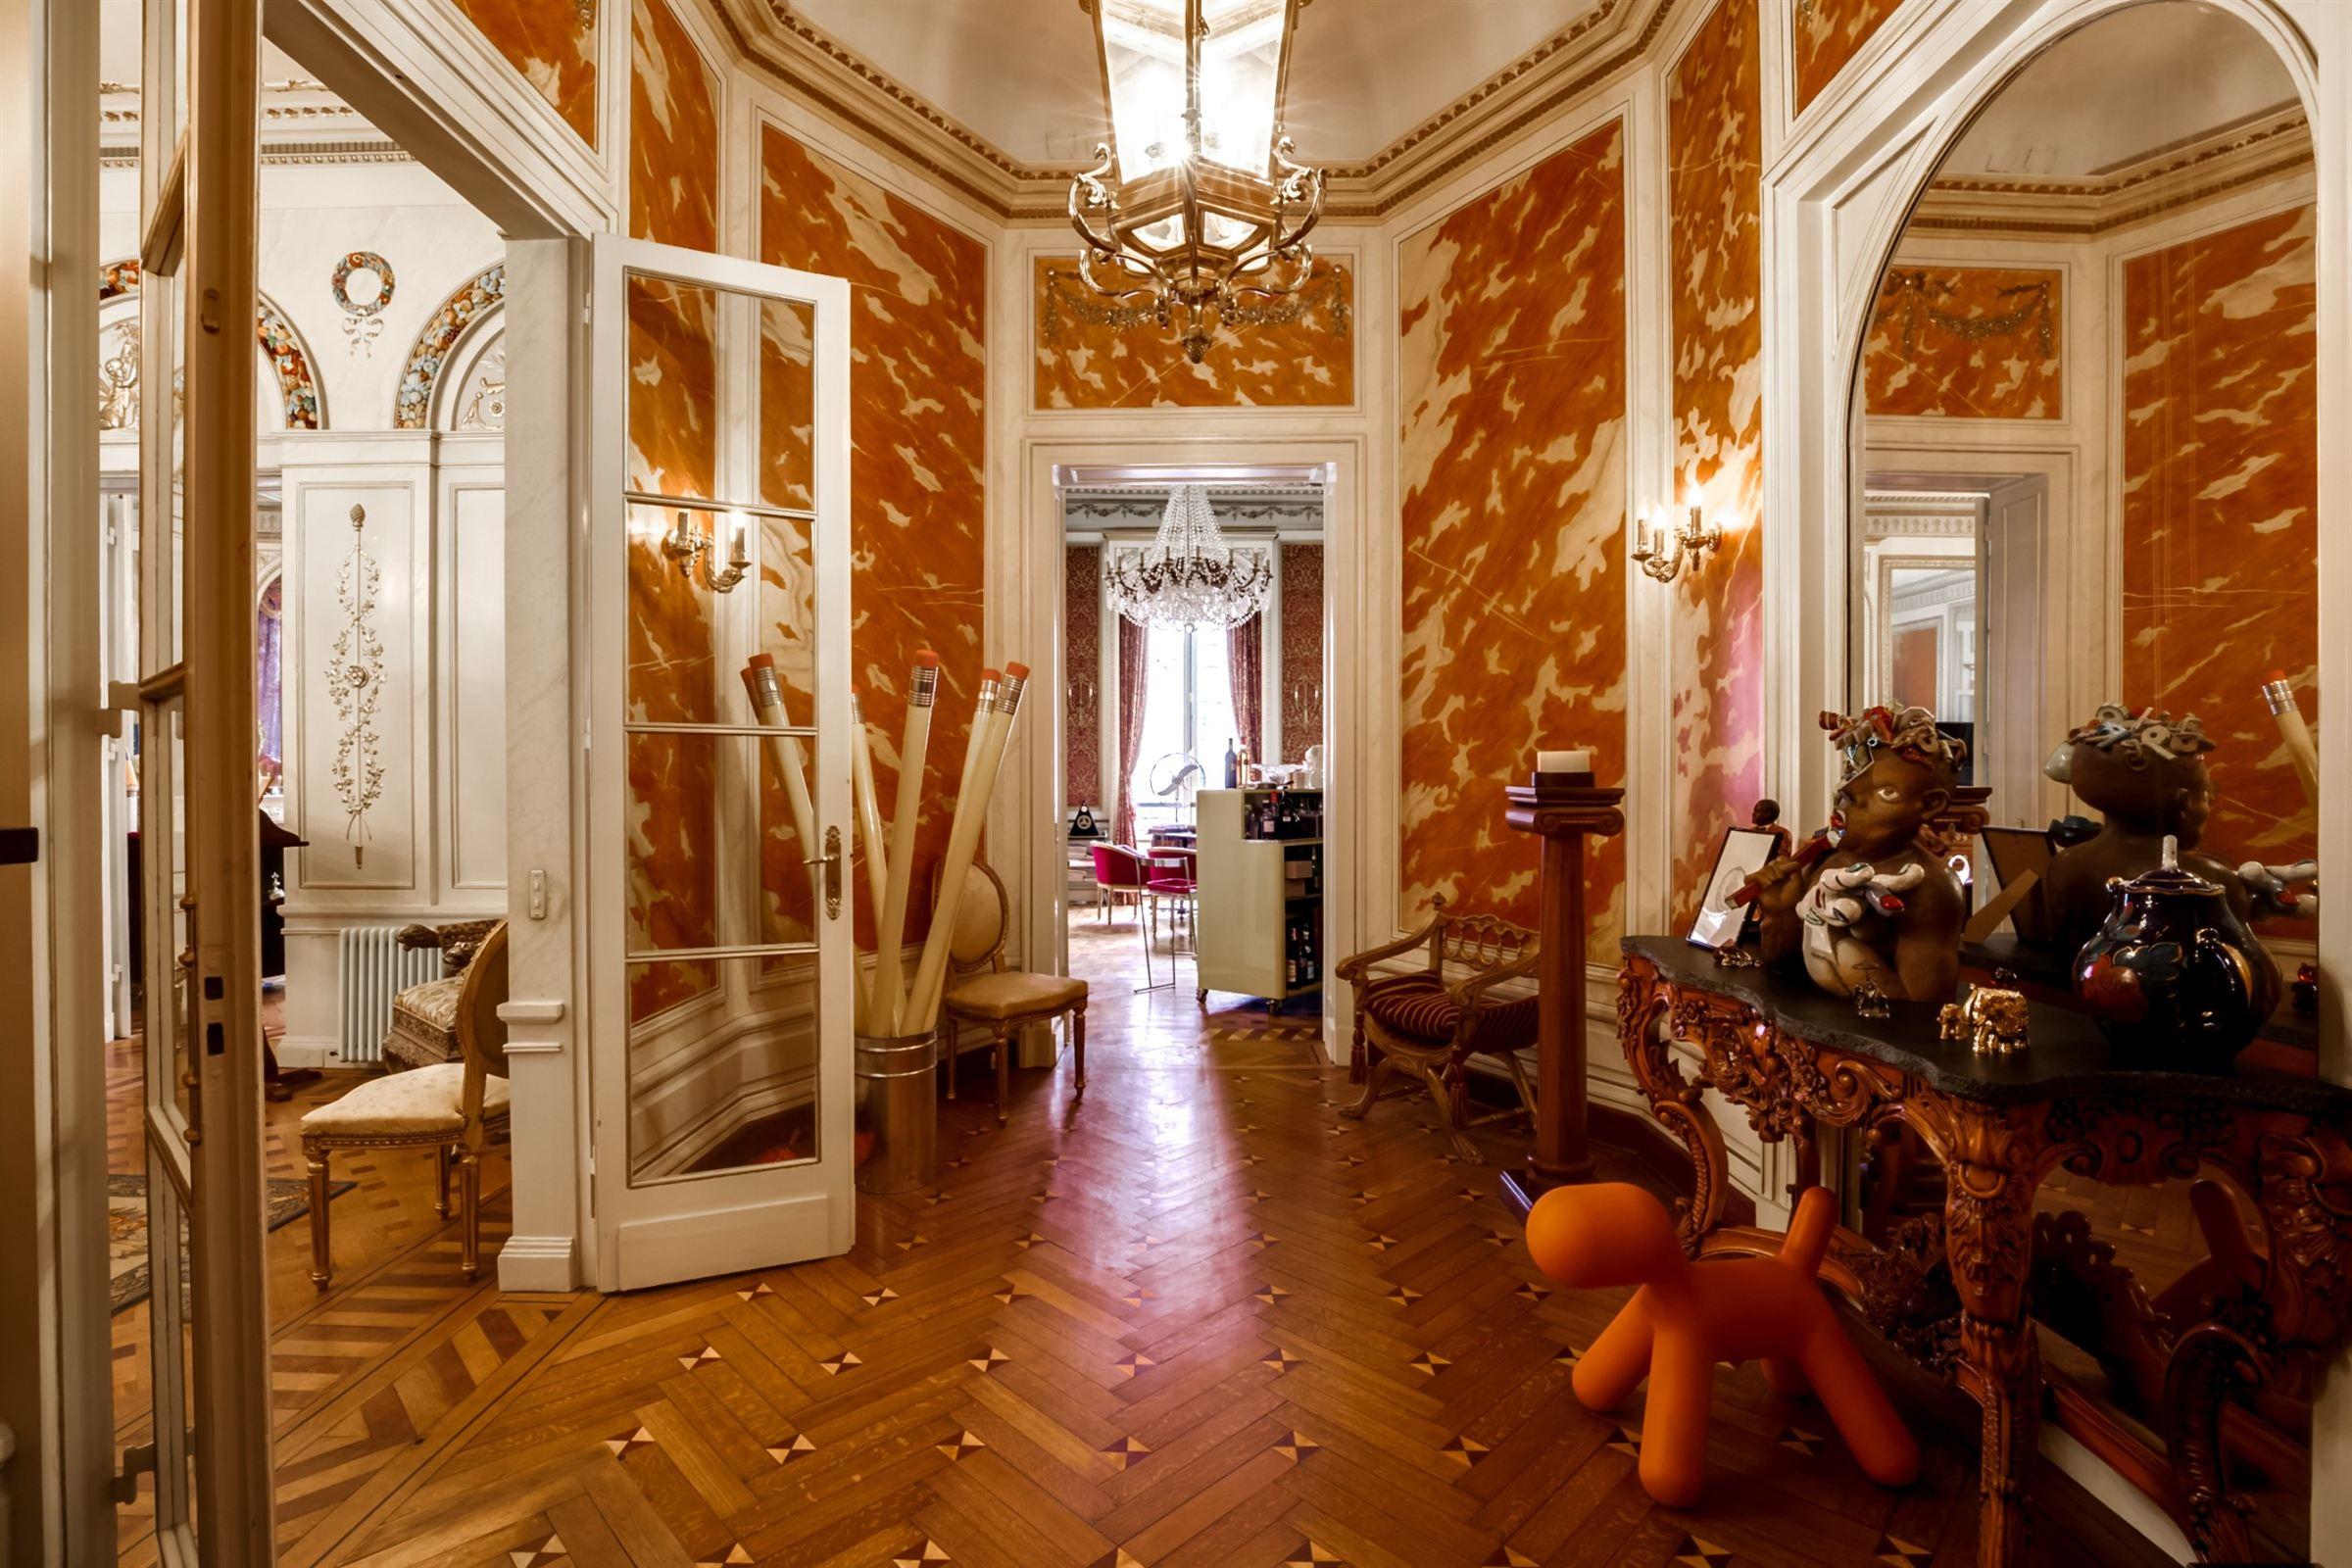 Wohnung für Verkauf beim BORDEAUX - GOLDEN TRIANGLE - ULTRA LUXURY APARTMENT NEXT TO THE GRAND THEATER Bordeaux, Aquitanien, 33000 Frankreich